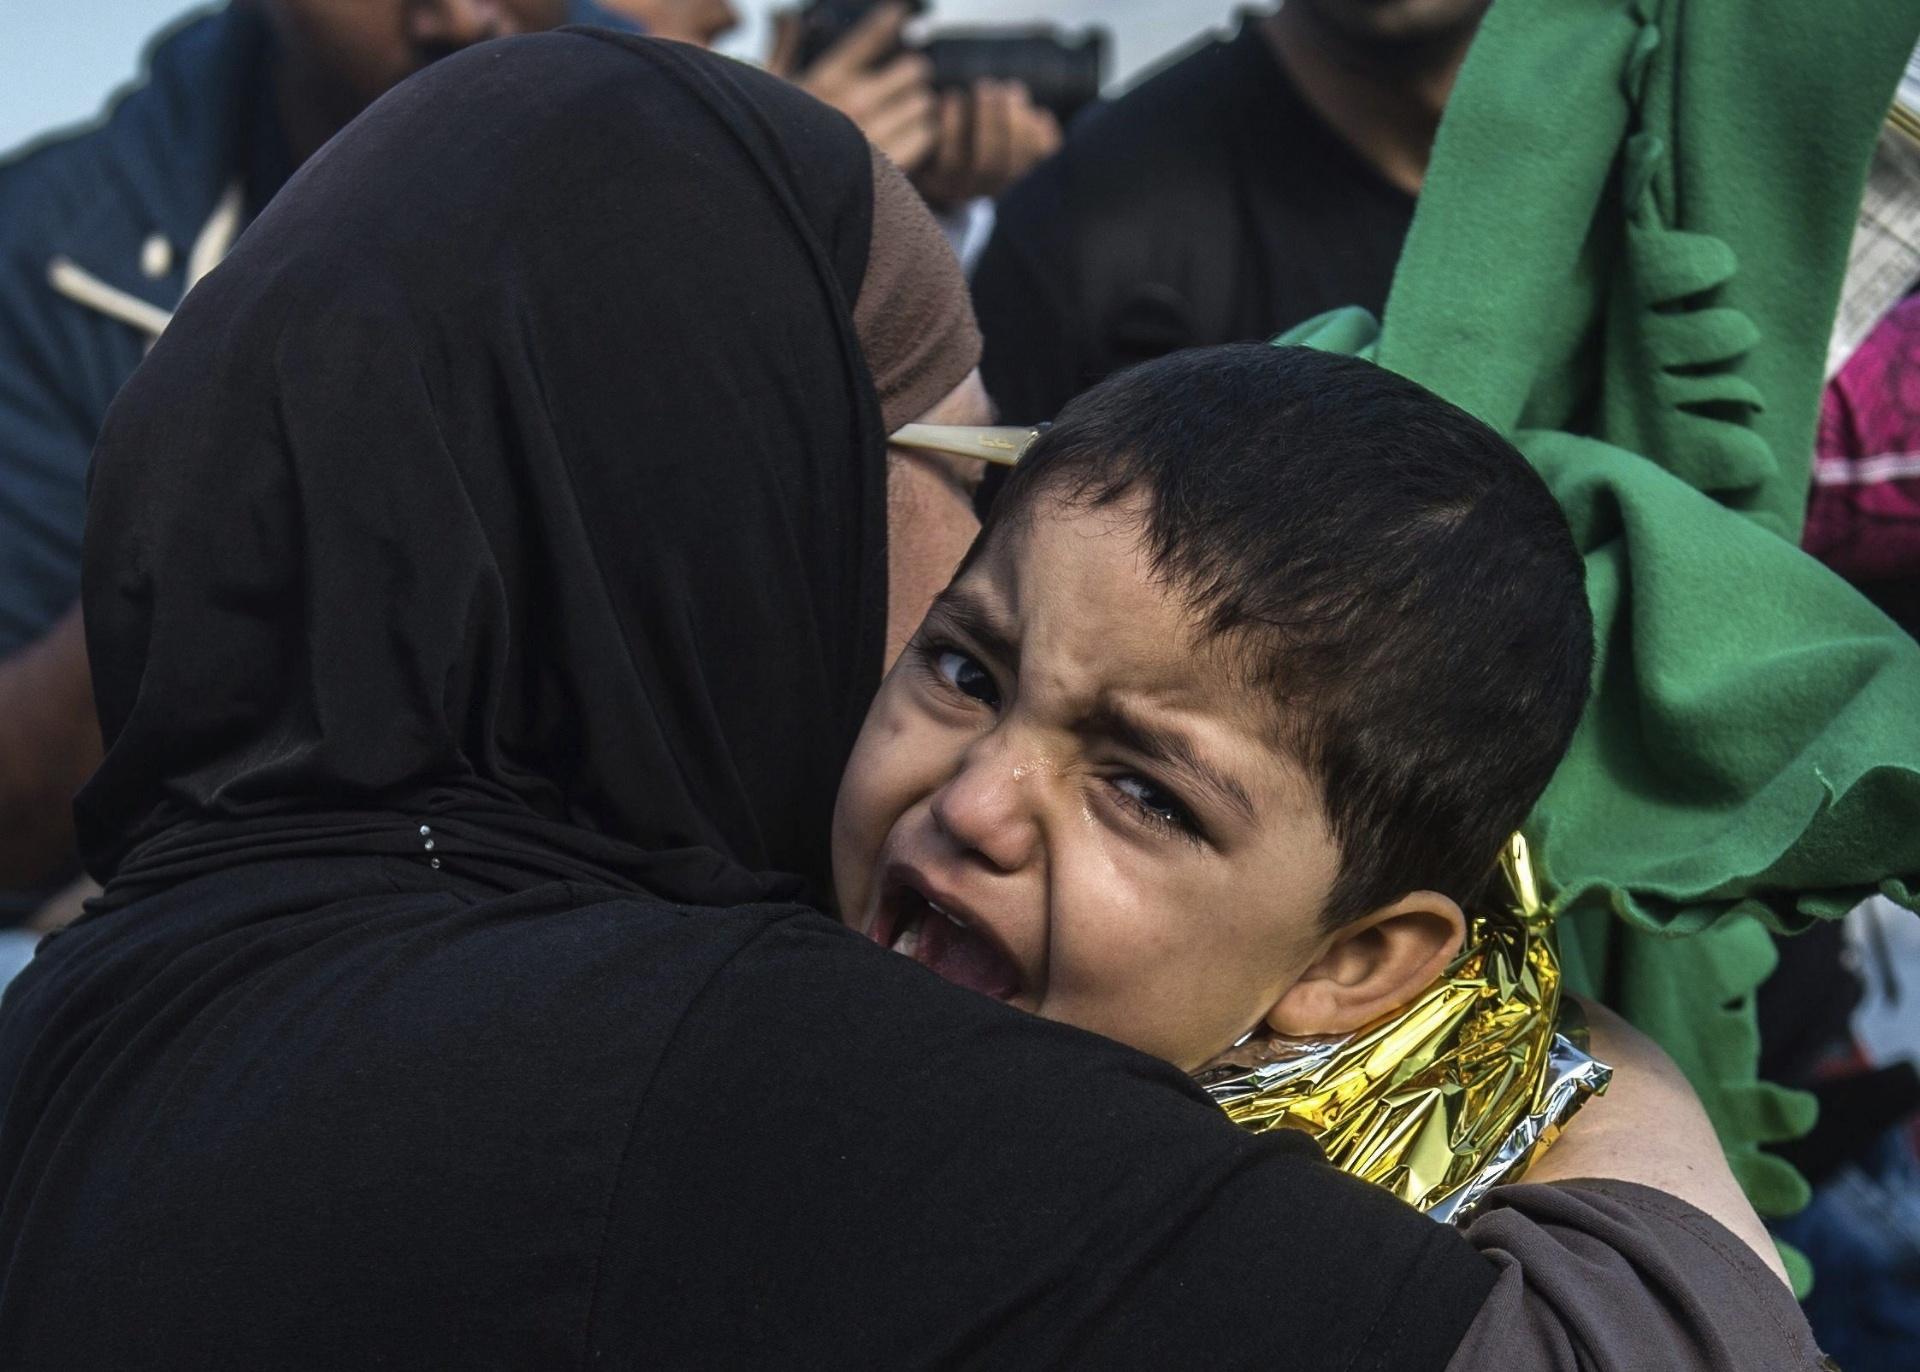 1º.out.2015 - Criança refugiada afegã chora nos braços da mãe durante sua chegada à ilha de Lesbos, na Grécia. Ele e a família vieram a bordo de bote inflável. Cerca de 100 mil refugiados já chegaram na ilha grega desde agosto, segundo a Guarda Costeira do país